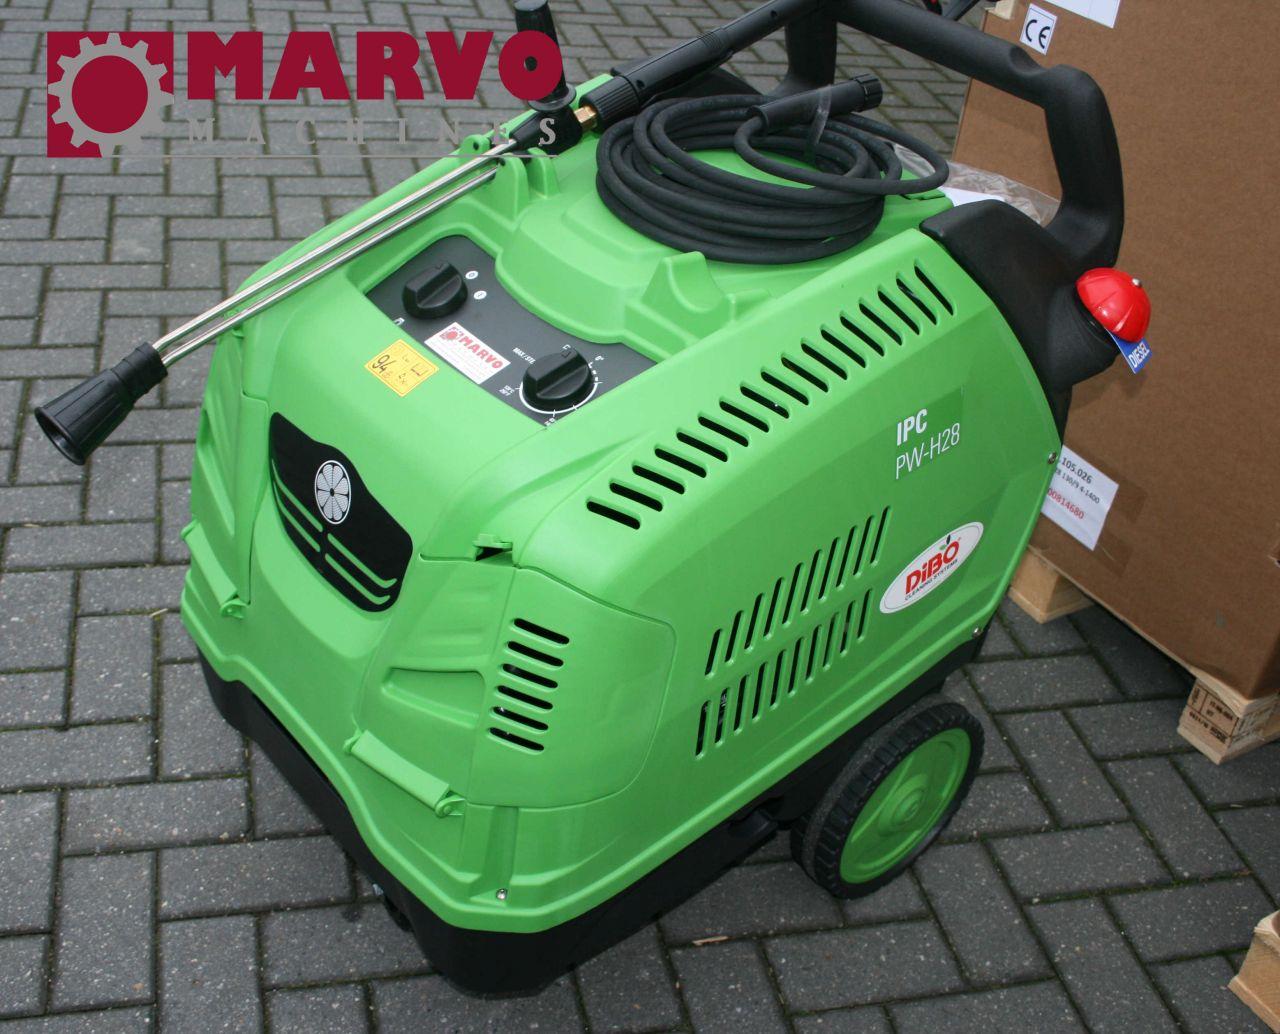 Dibo - 220 volt -WINTER-actie - gratis ...